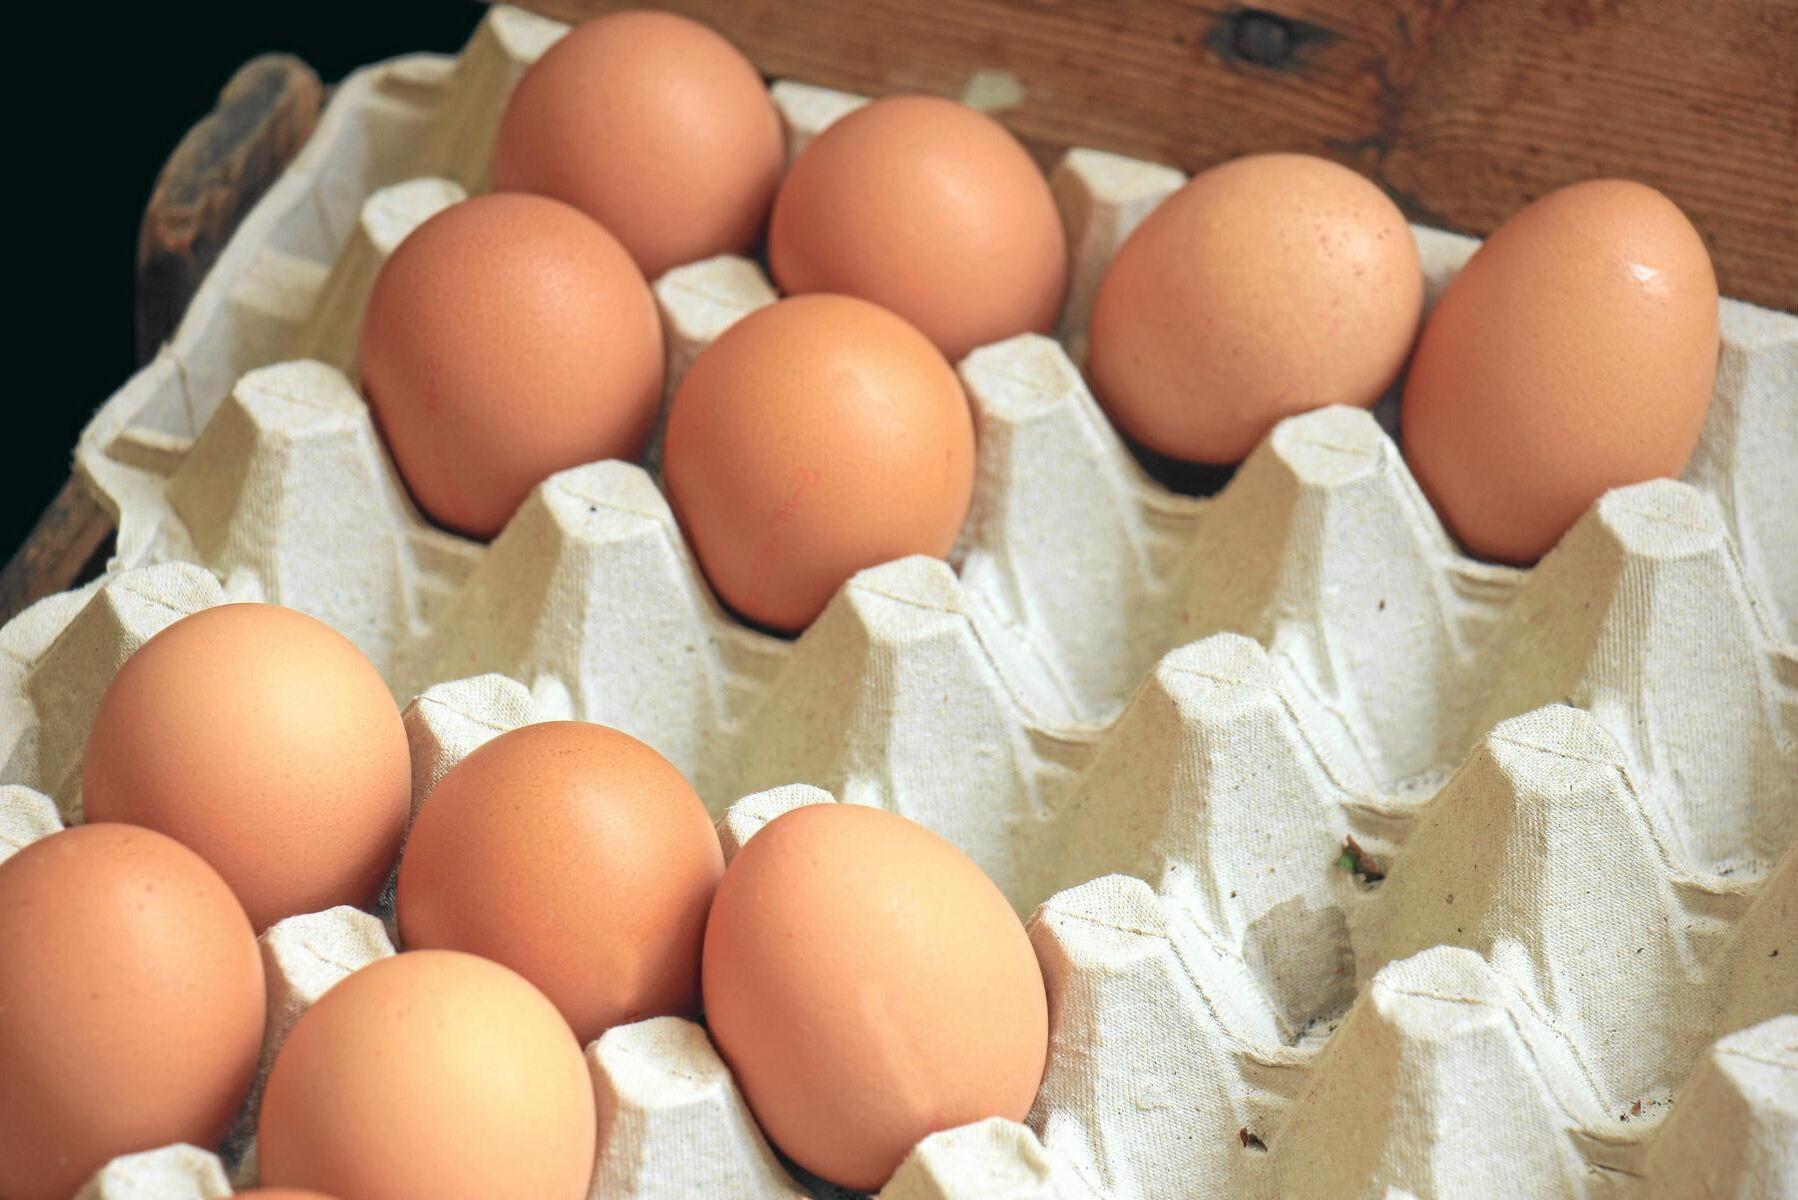 Halterna av dioxid och PCB har minskat med 33 procent i de ekologiska äggen.